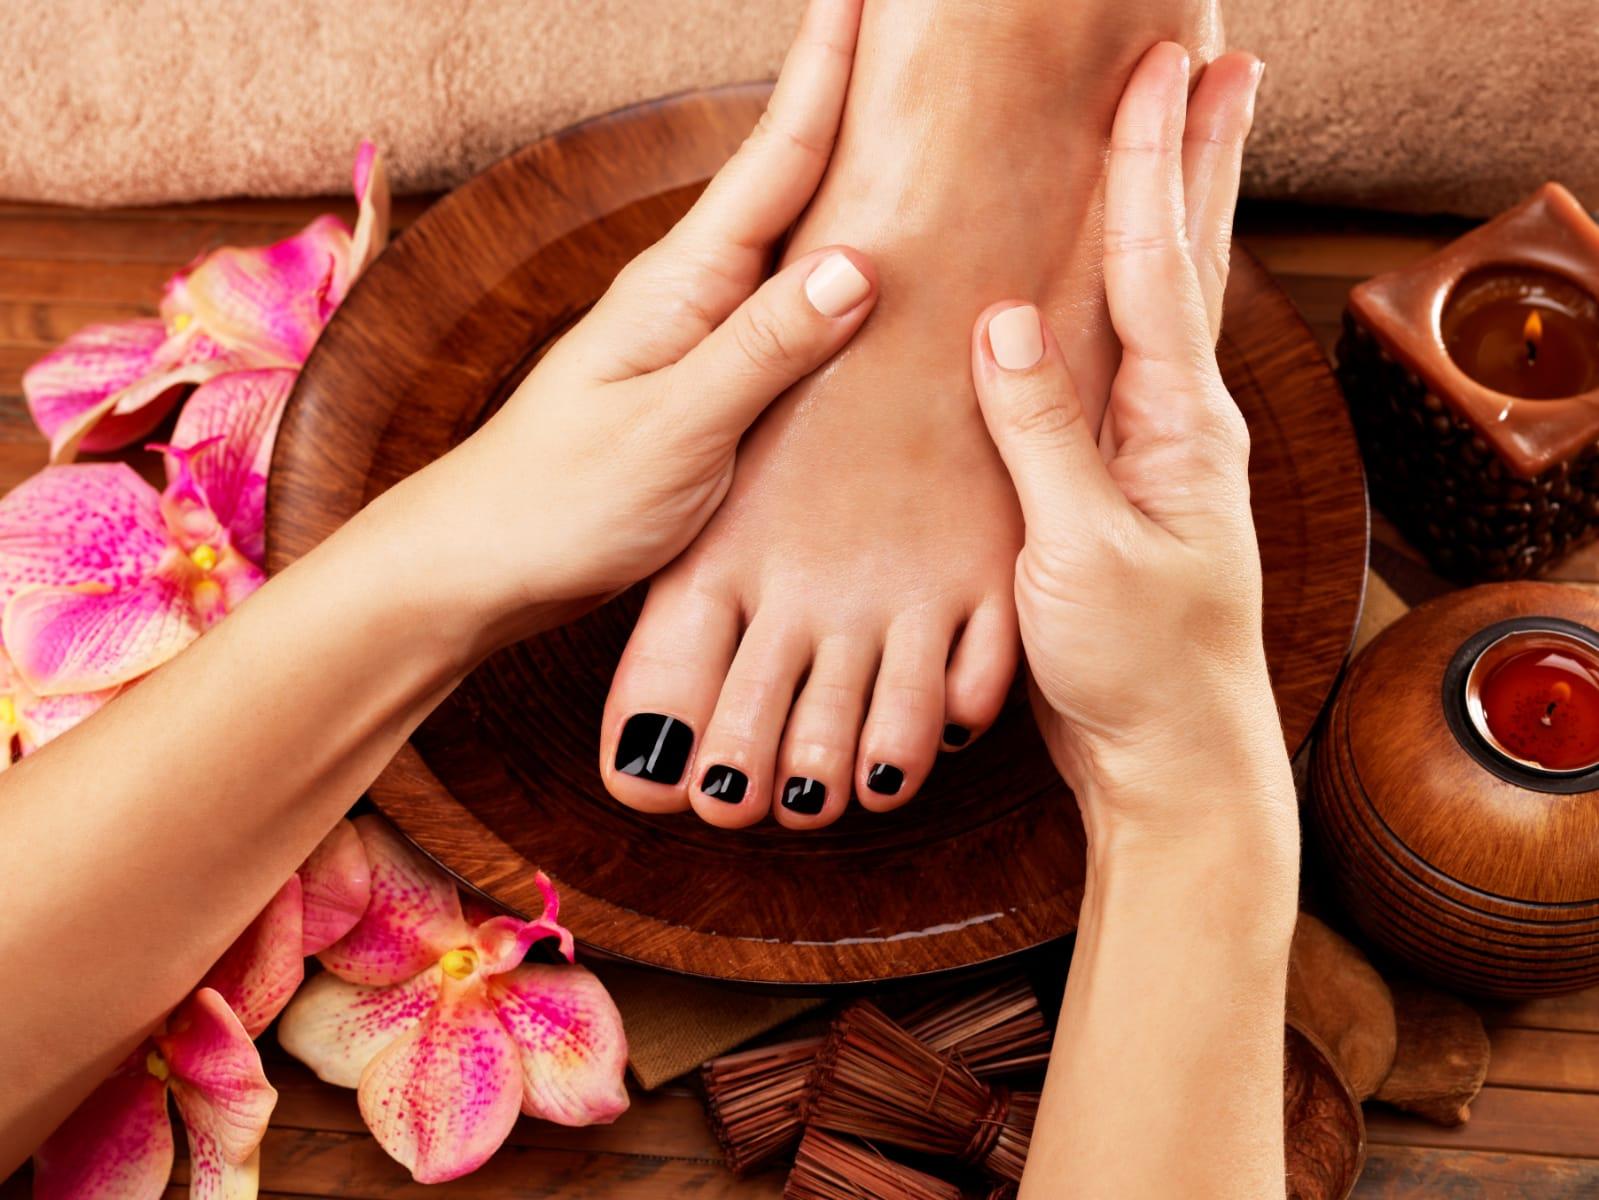 resep foot spa di rumah (2)